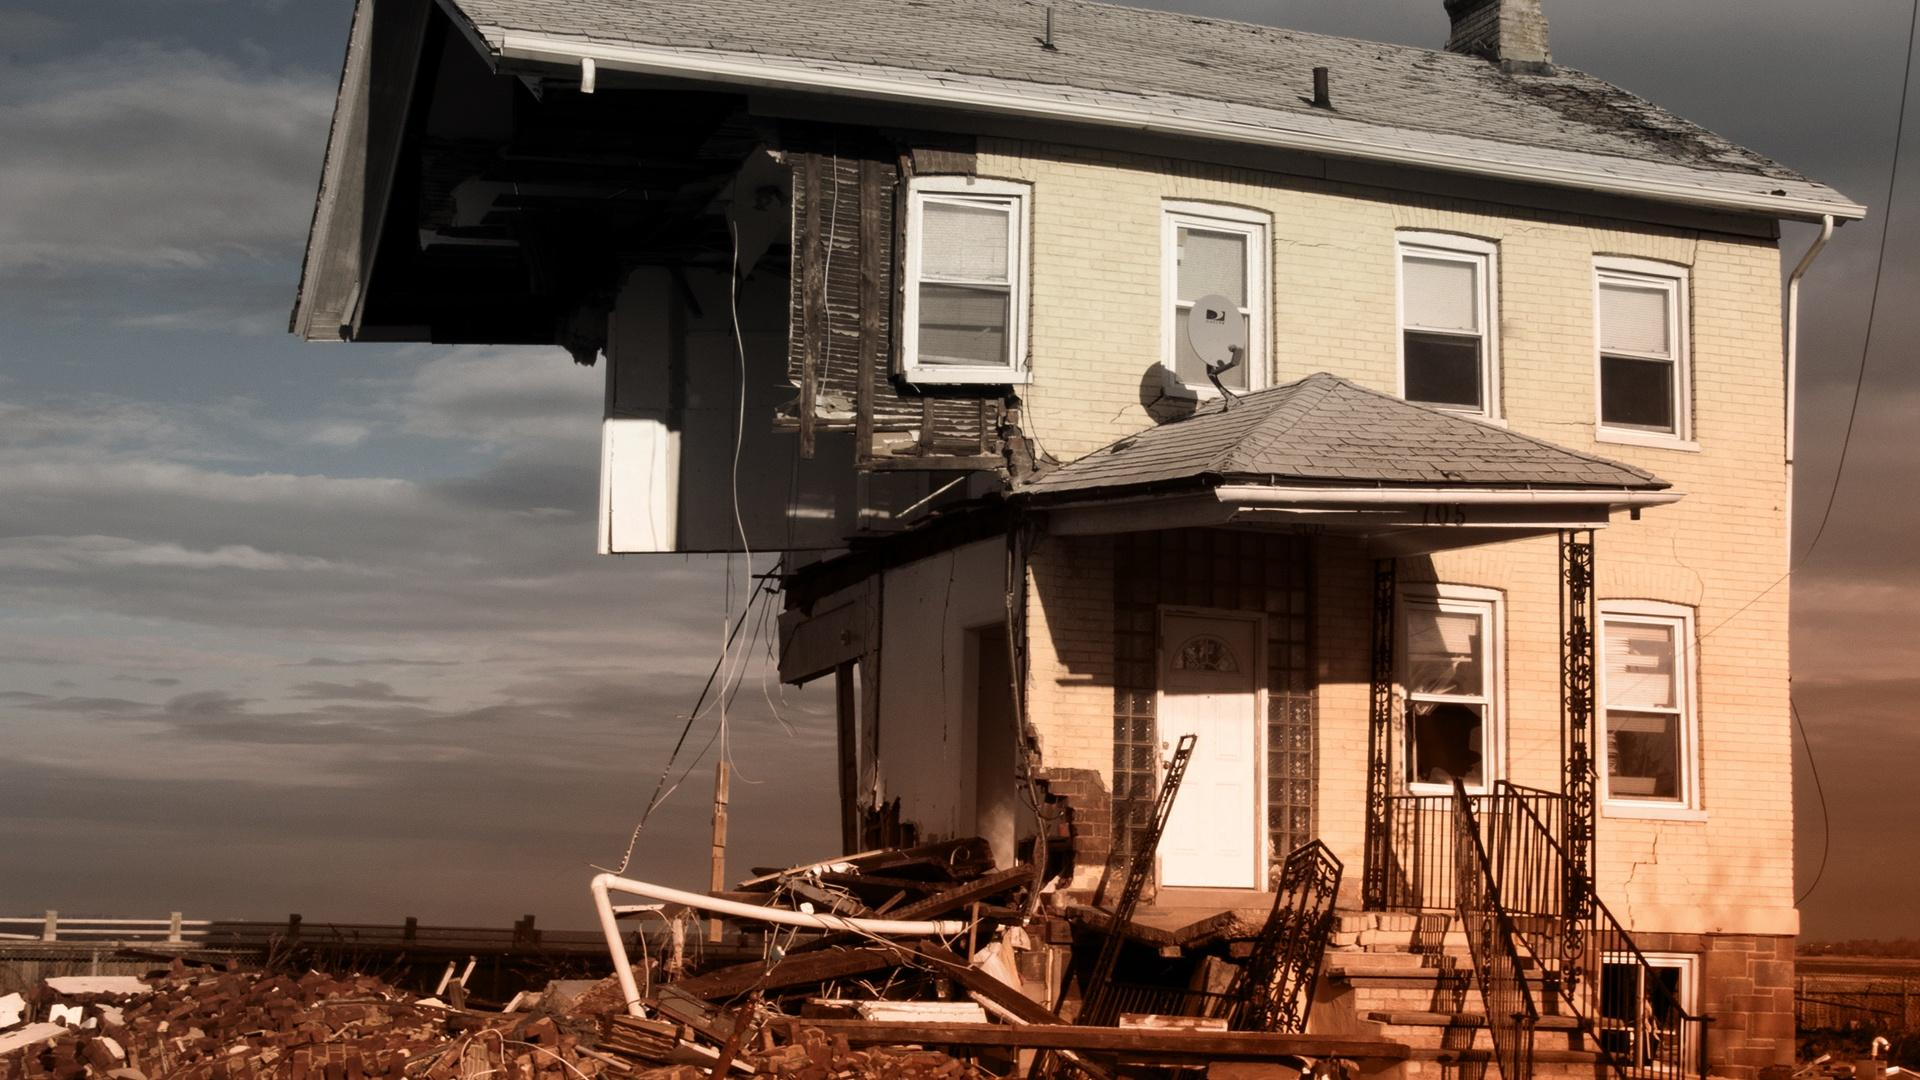 Megastorm Aftermath image